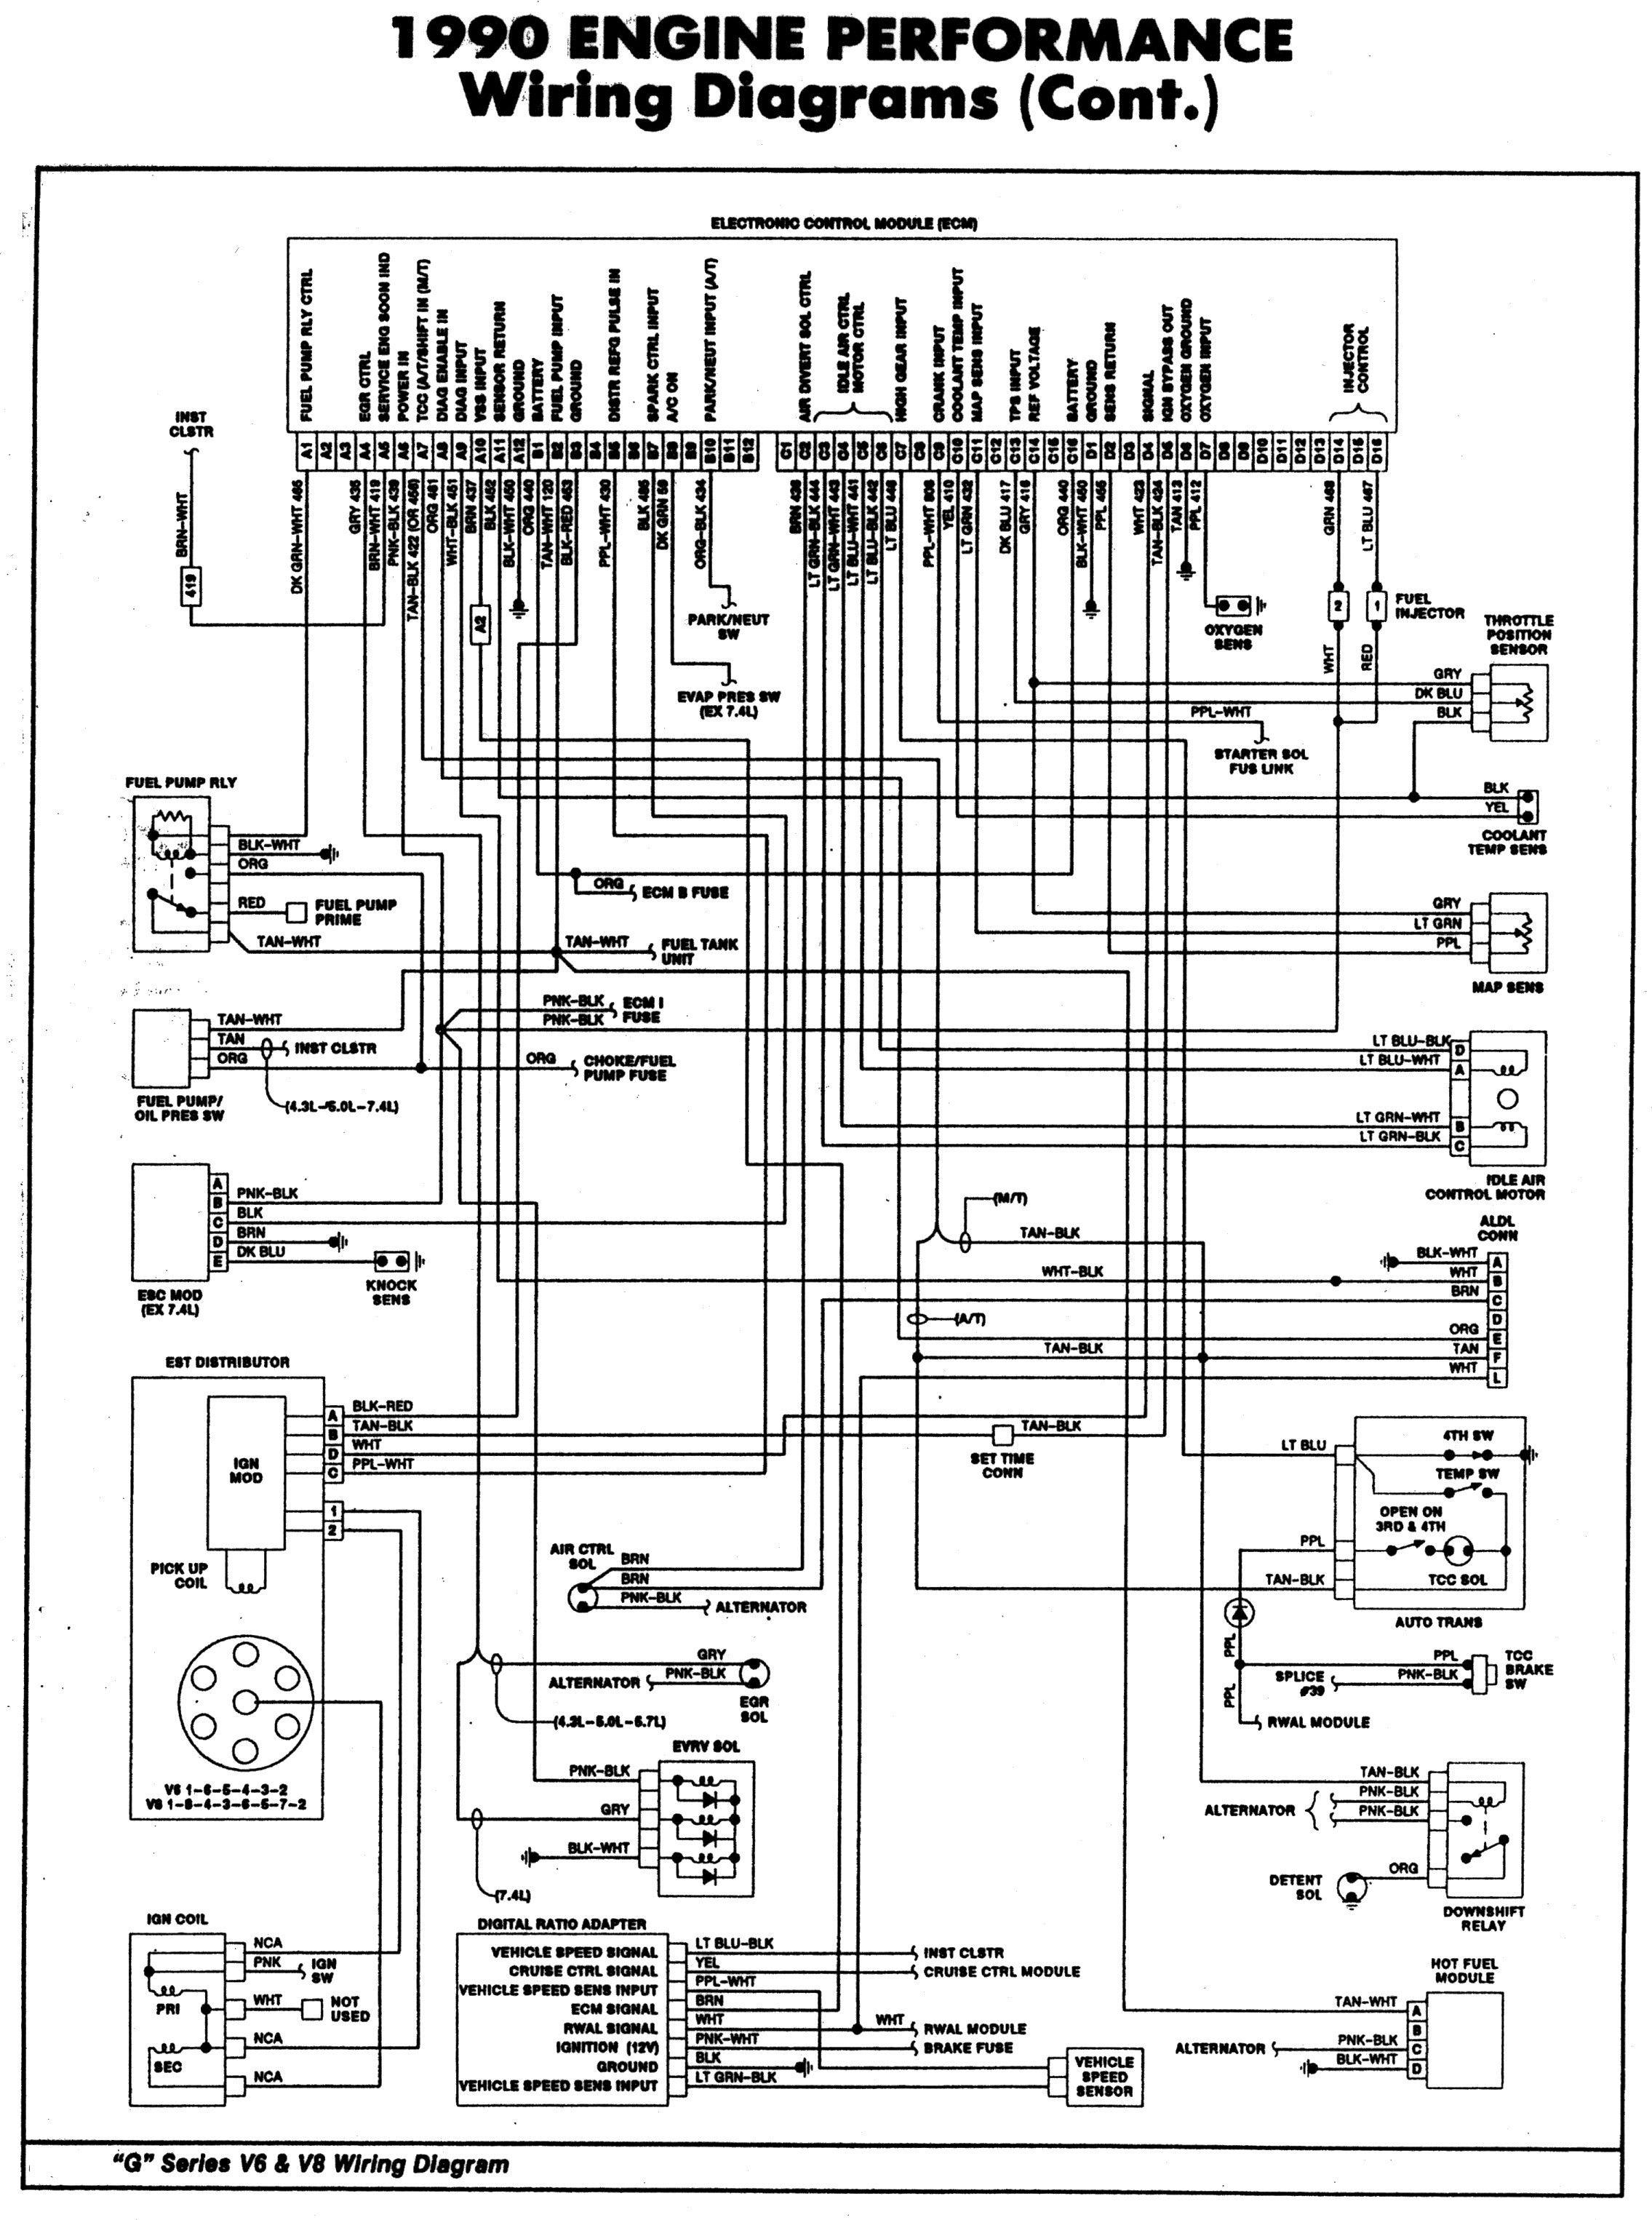 93 Chevy Silverado Wiring Diagram